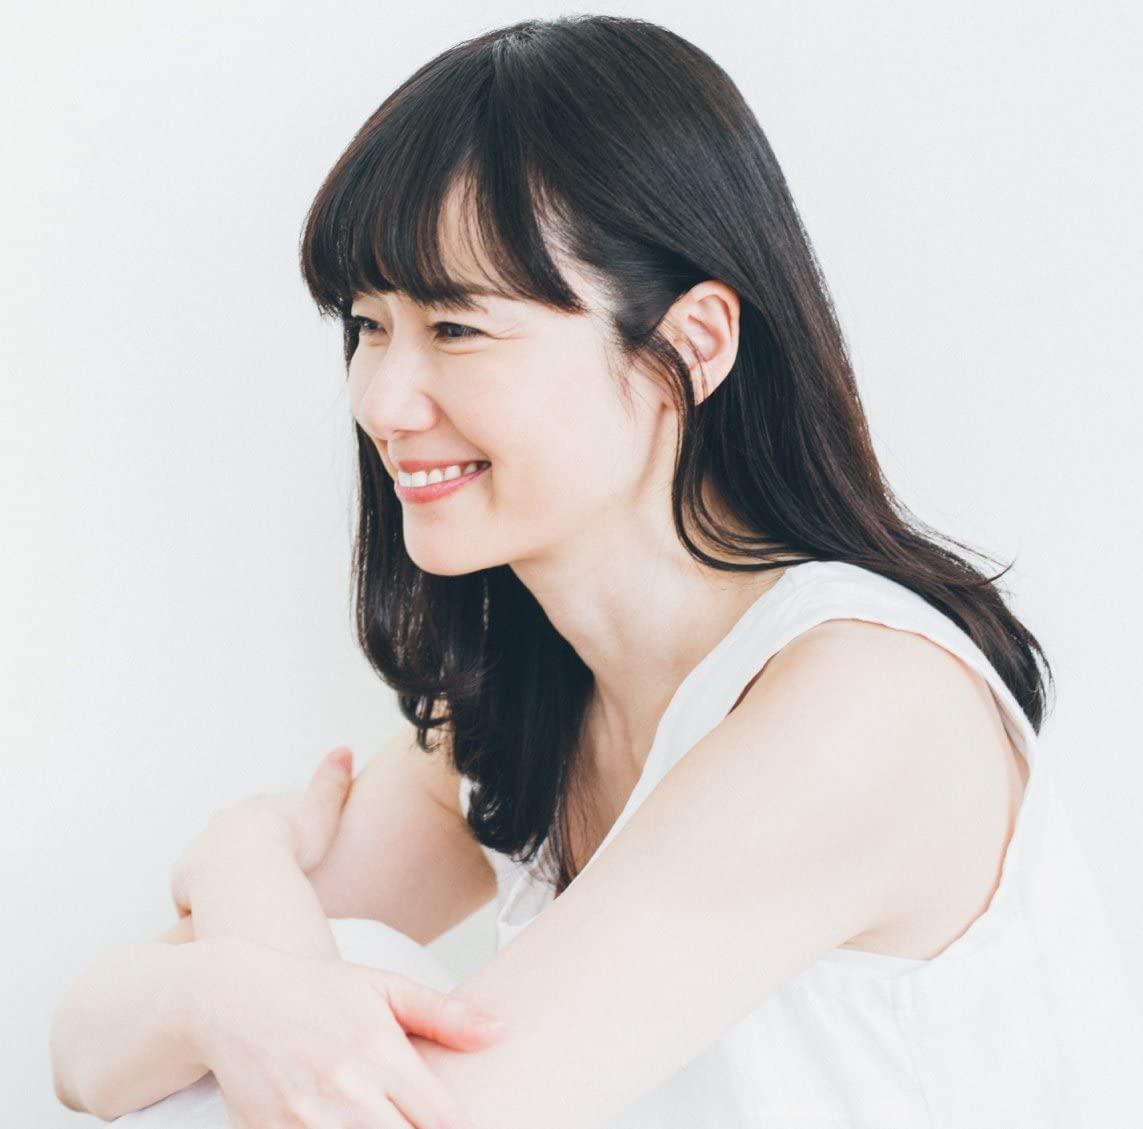 「原田知世」のシングル曲で一番好きな作品は? 【人気投票】 | ねとらぼ調査隊